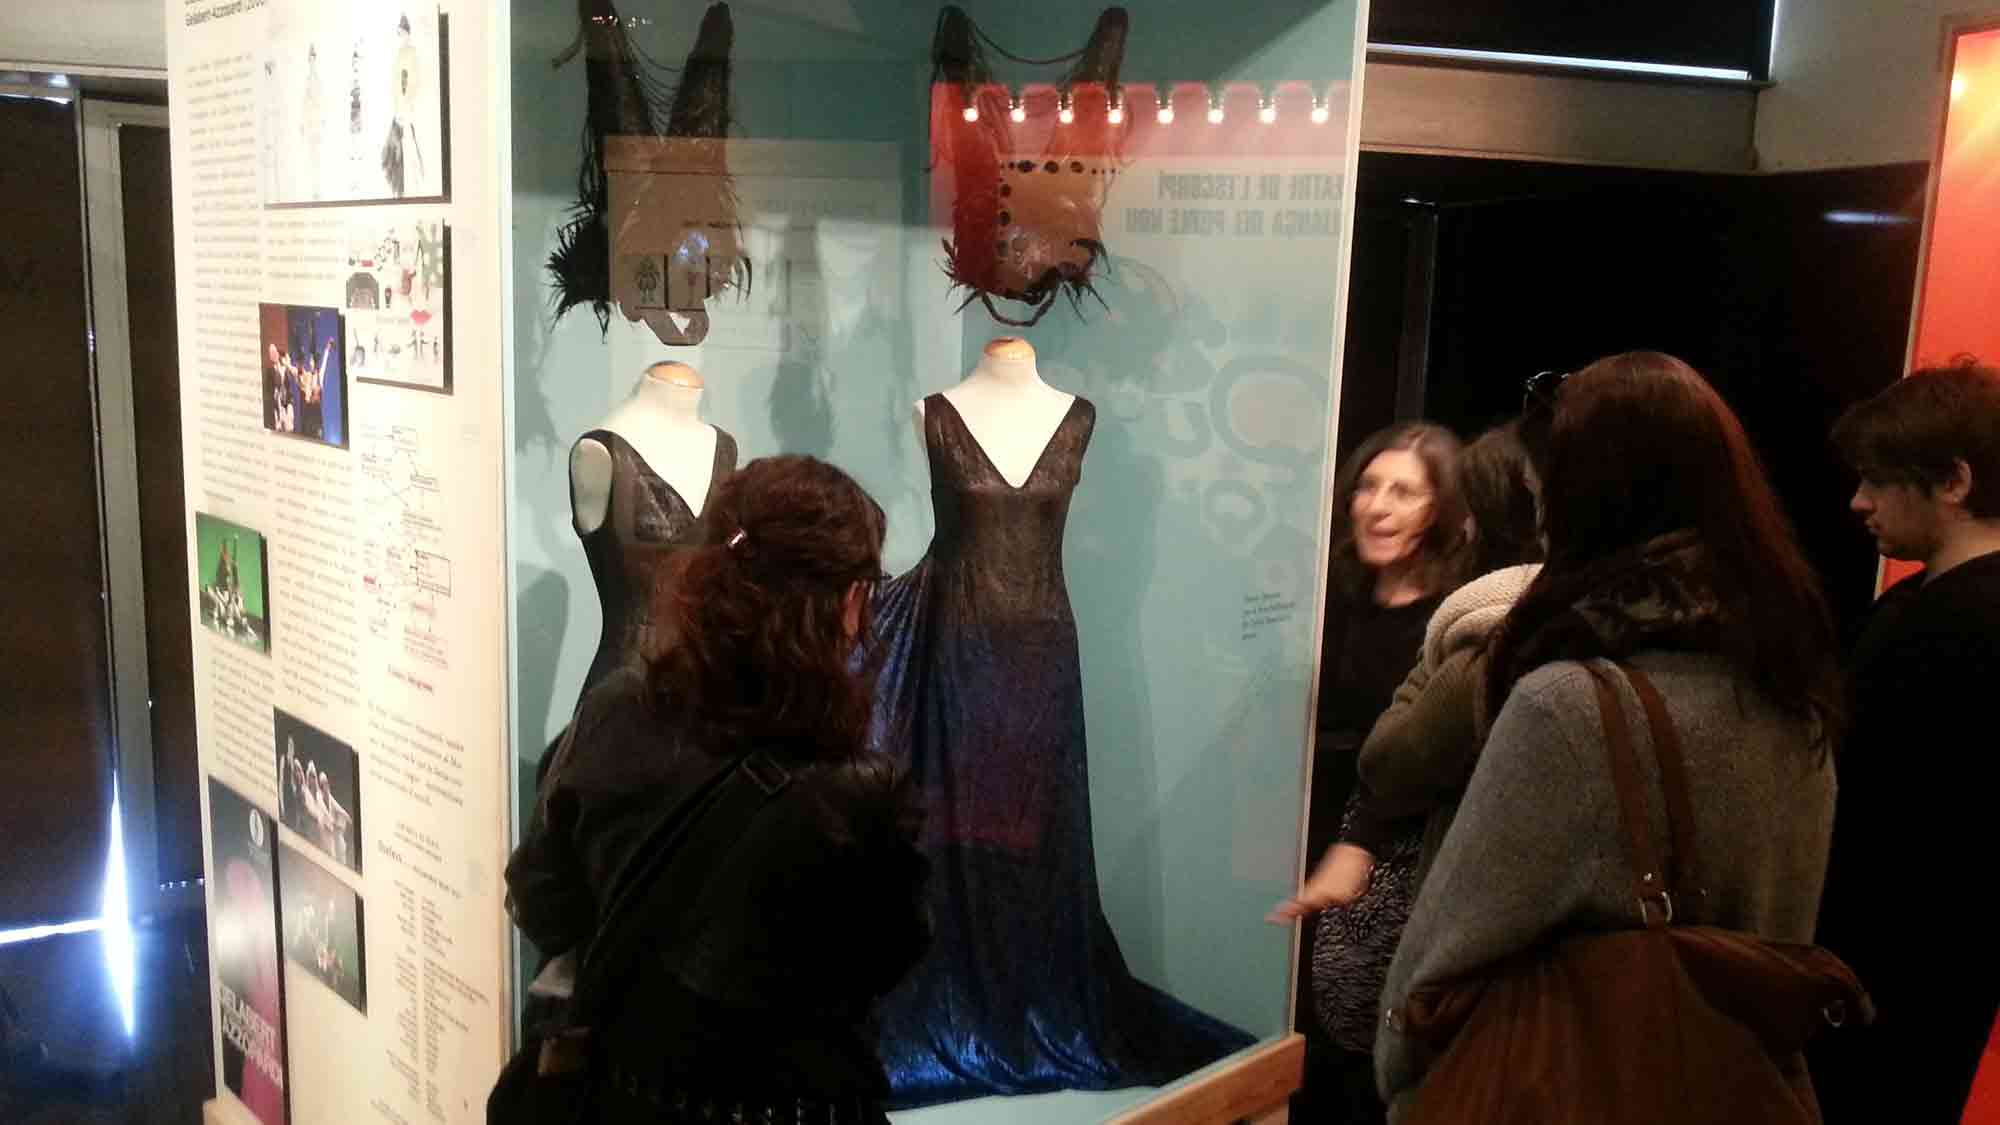 Carme Carreño, conservadora del MAE, mostrant un vestit del fons de la Companyia Gelabert-Azzopardi exposat a La memòria de les arts efímeres, a la visita d'alumnes de l'EFCA de Sabadell, 18 març 2016